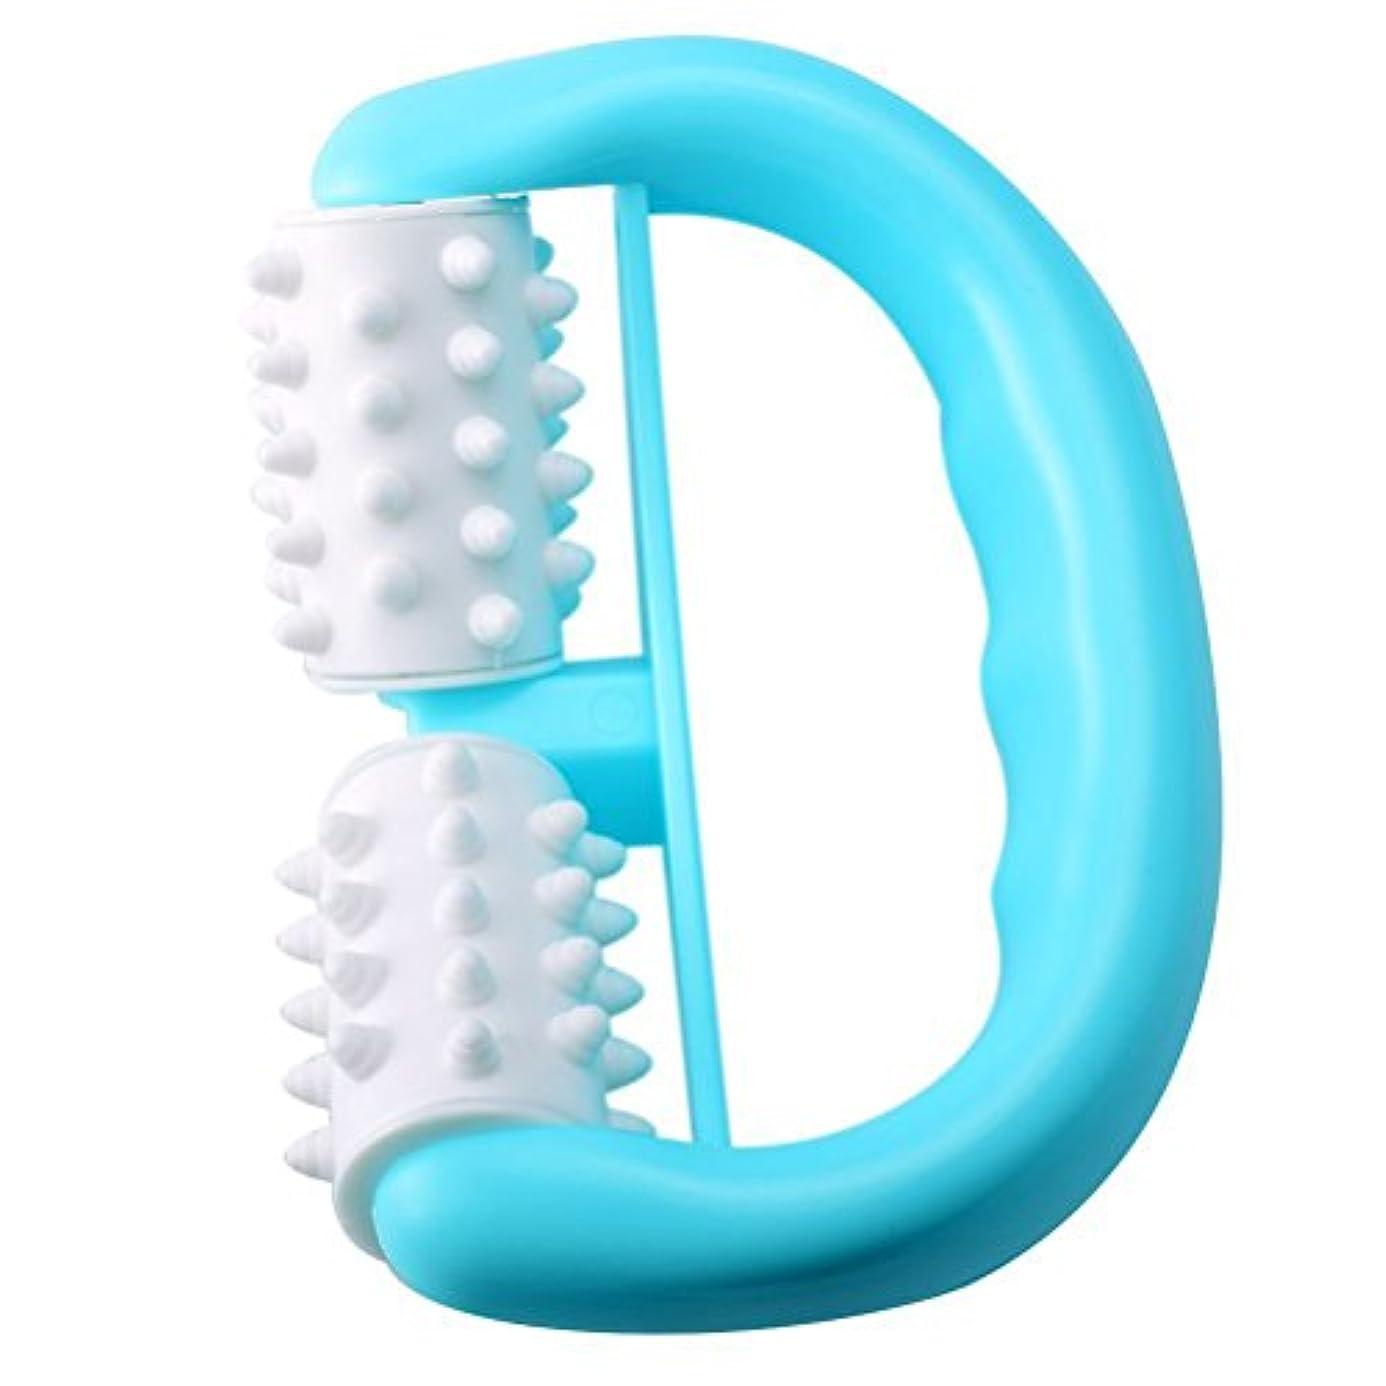 繁栄嘆願乱暴なROSENICE セルライトマッサージャー深部組織筋筋肉解放ツールボディセラピーマッサージファットブラスター(青)